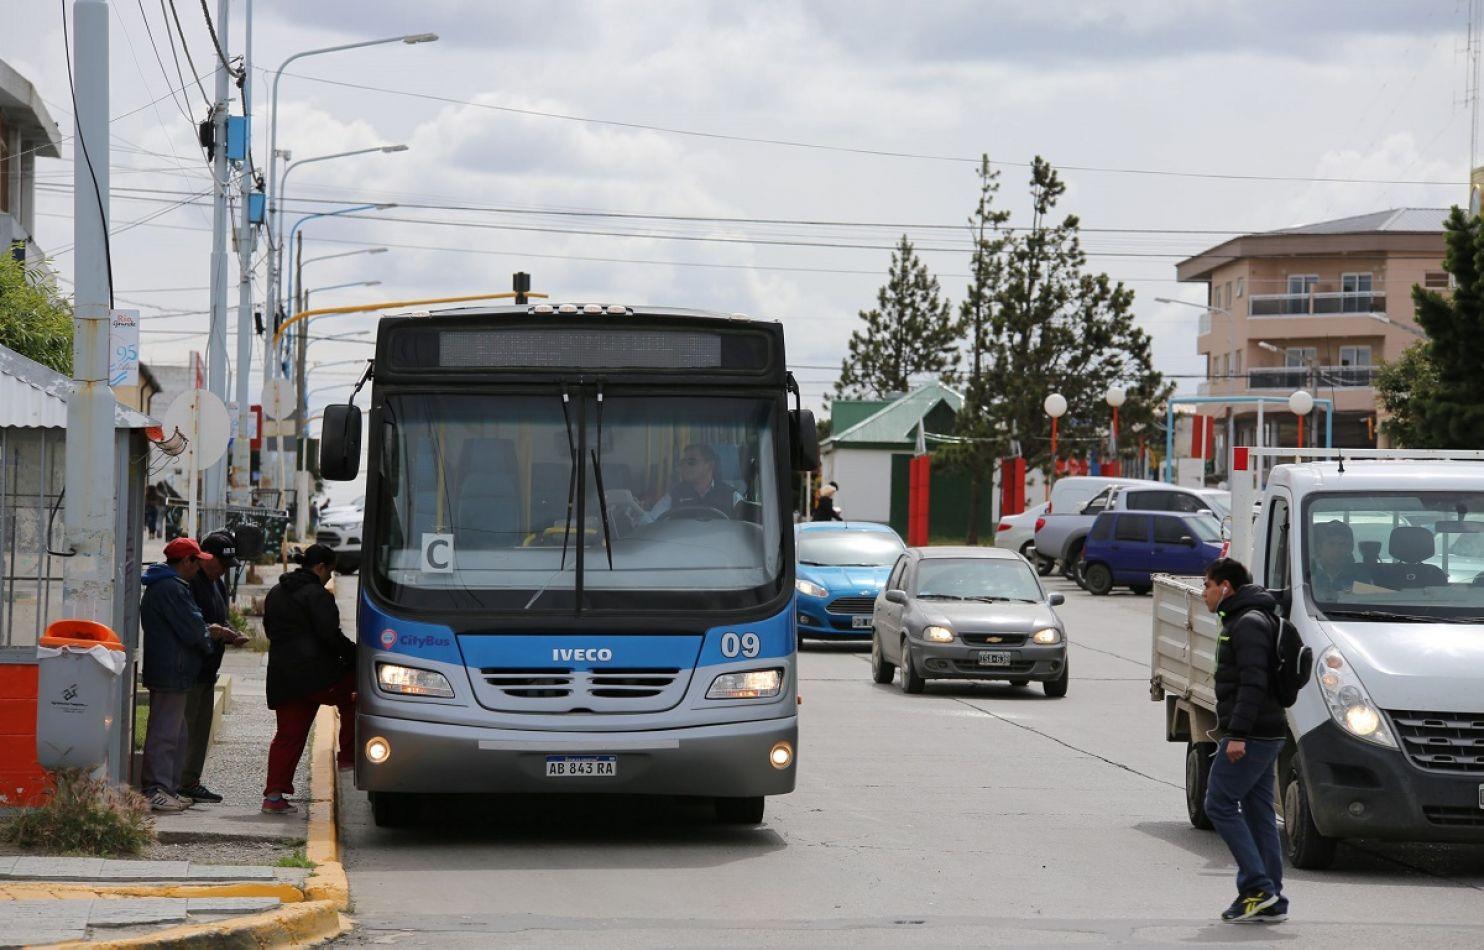 Runín destacó el logro del servicio de transporte